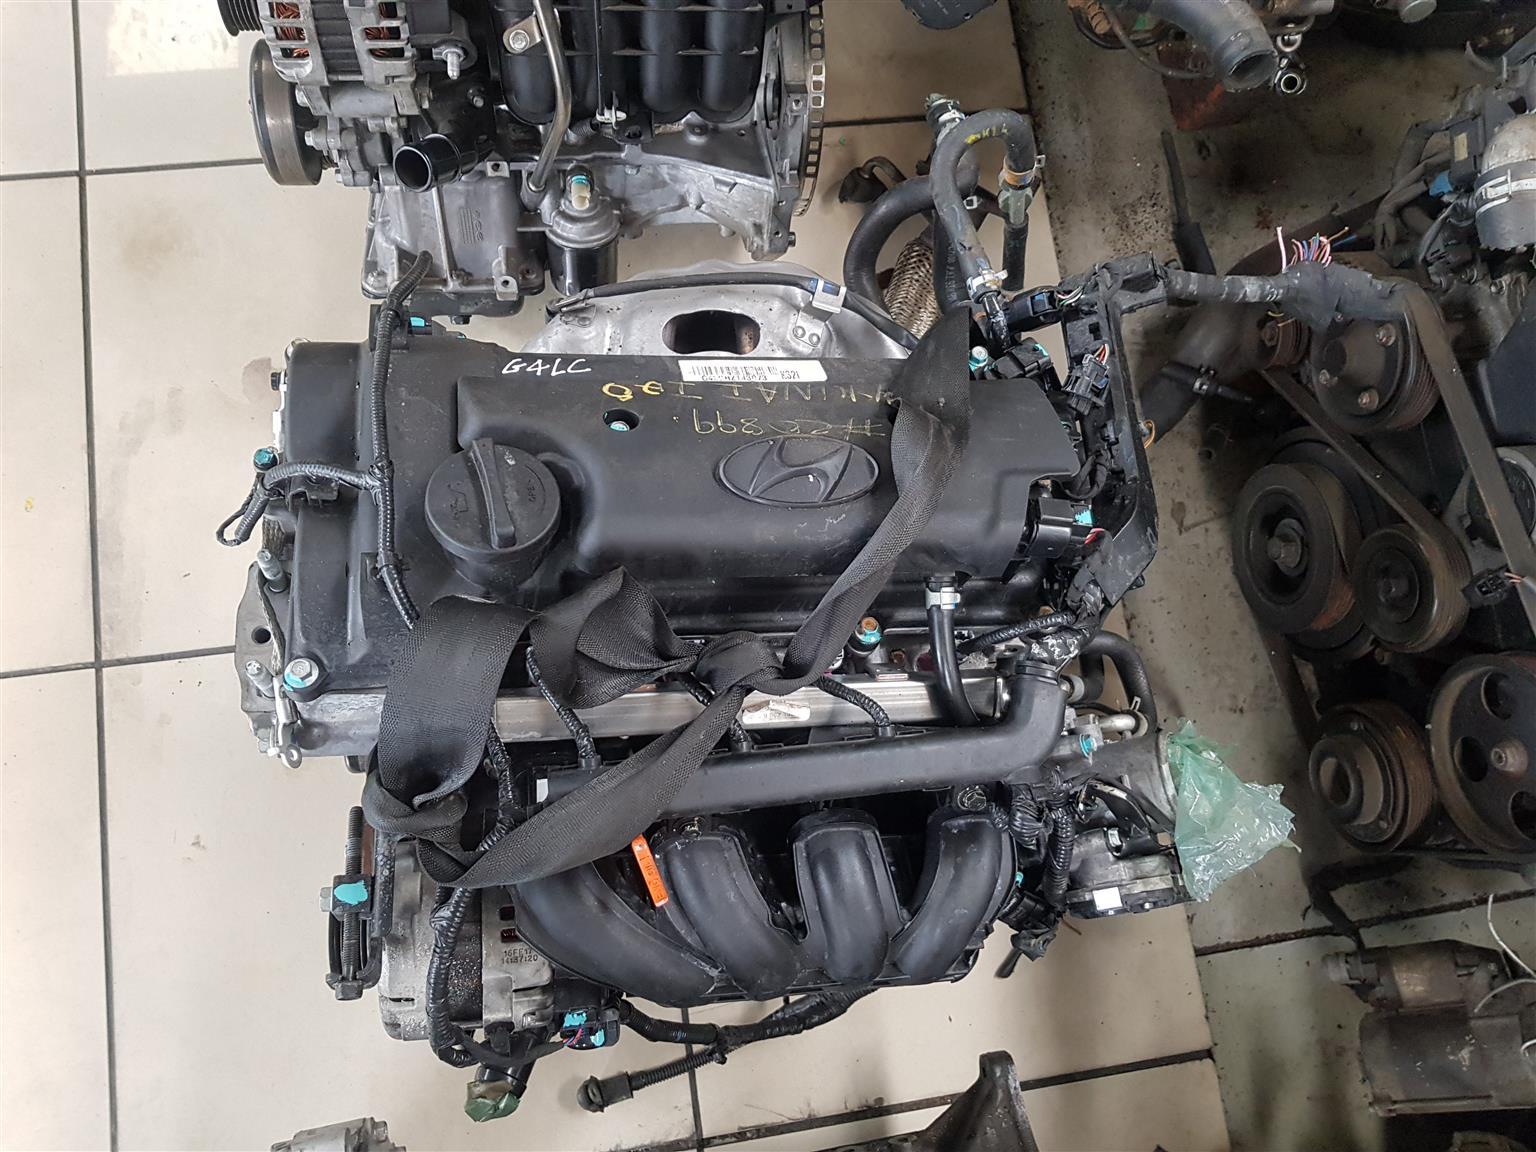 HYUNDAI ELANTRA I20 (G4LC) ENGINE FOR SALE